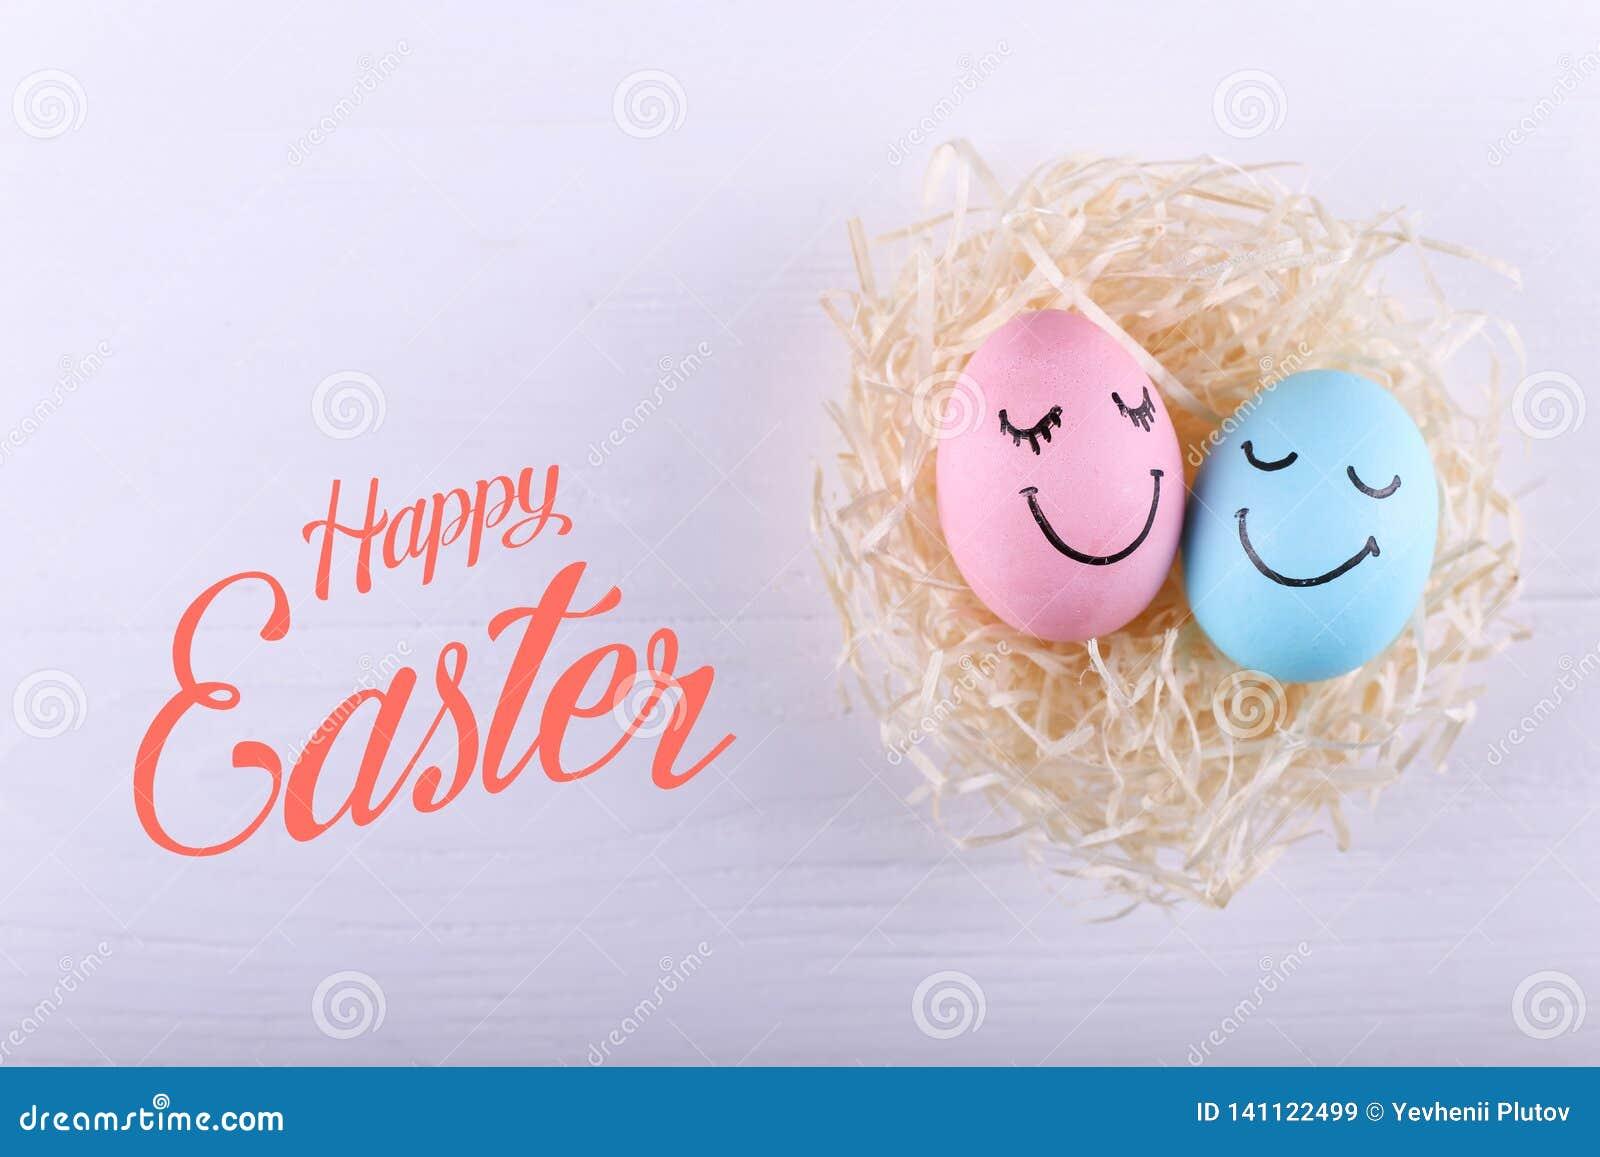 Μπλε και ρόδινα αυγά με τα χρωματισμένα χαμόγελα στη φωλιά, διάστημα αντιγράφων Ευτυχές σχέδιο ευχετήριων καρτών έννοιας Πάσχας